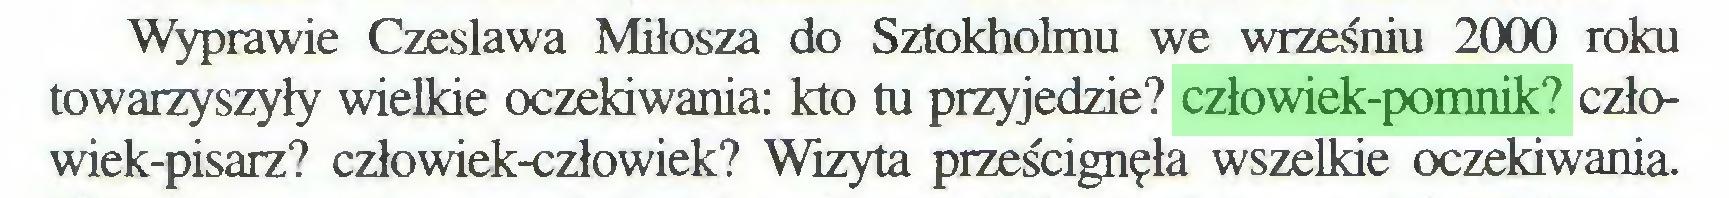 (...) Wyprawie Czesława Miłosza do Sztokholmu we wrześniu 2000 roku towarzyszyły wielkie oczekiwania: kto tu przyjedzie? człowiek-pomnik? człowiek-pisarz? człowiek-człowiek? Wizyta prześcignęła wszelkie oczekiwania...